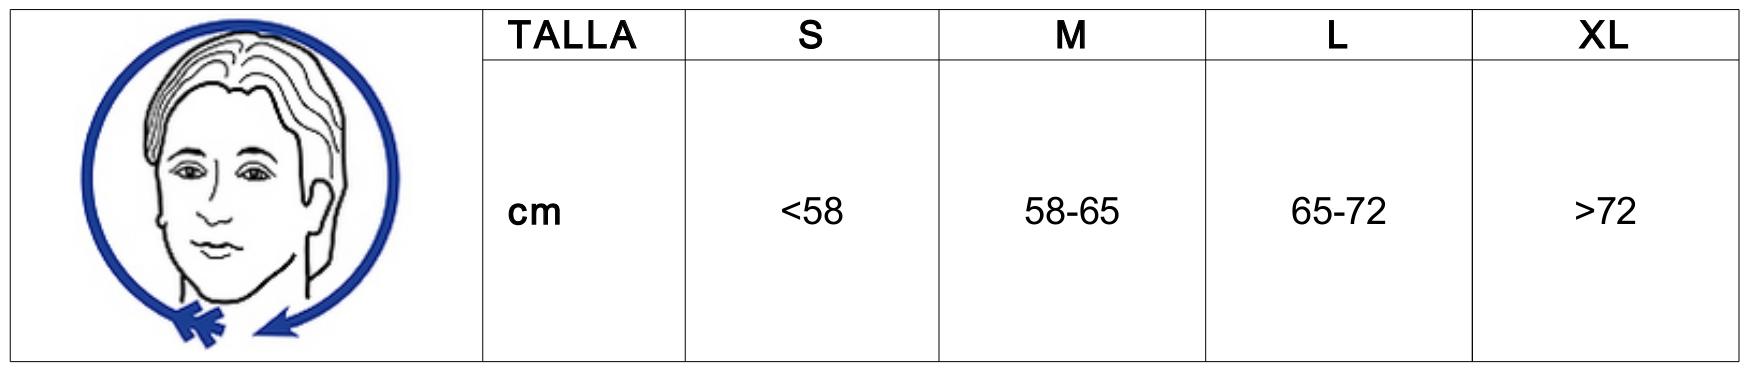 Guía de tallas Careta GJ-133 350N